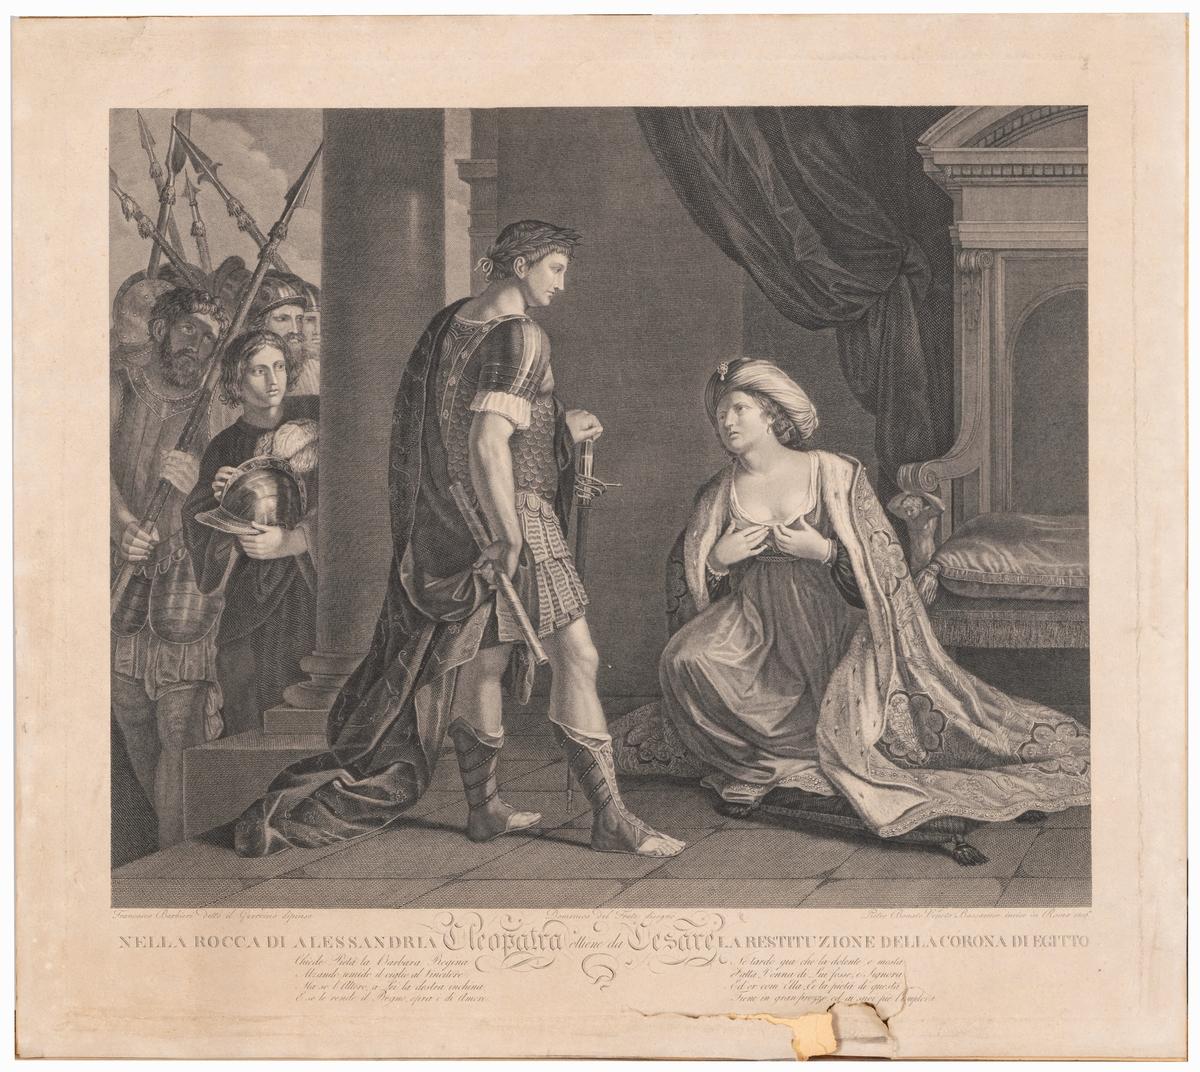 Veneto P. B. Kopparstick efter F. Barbewi Guercino. Föreställer Cesar och Cleopatra.